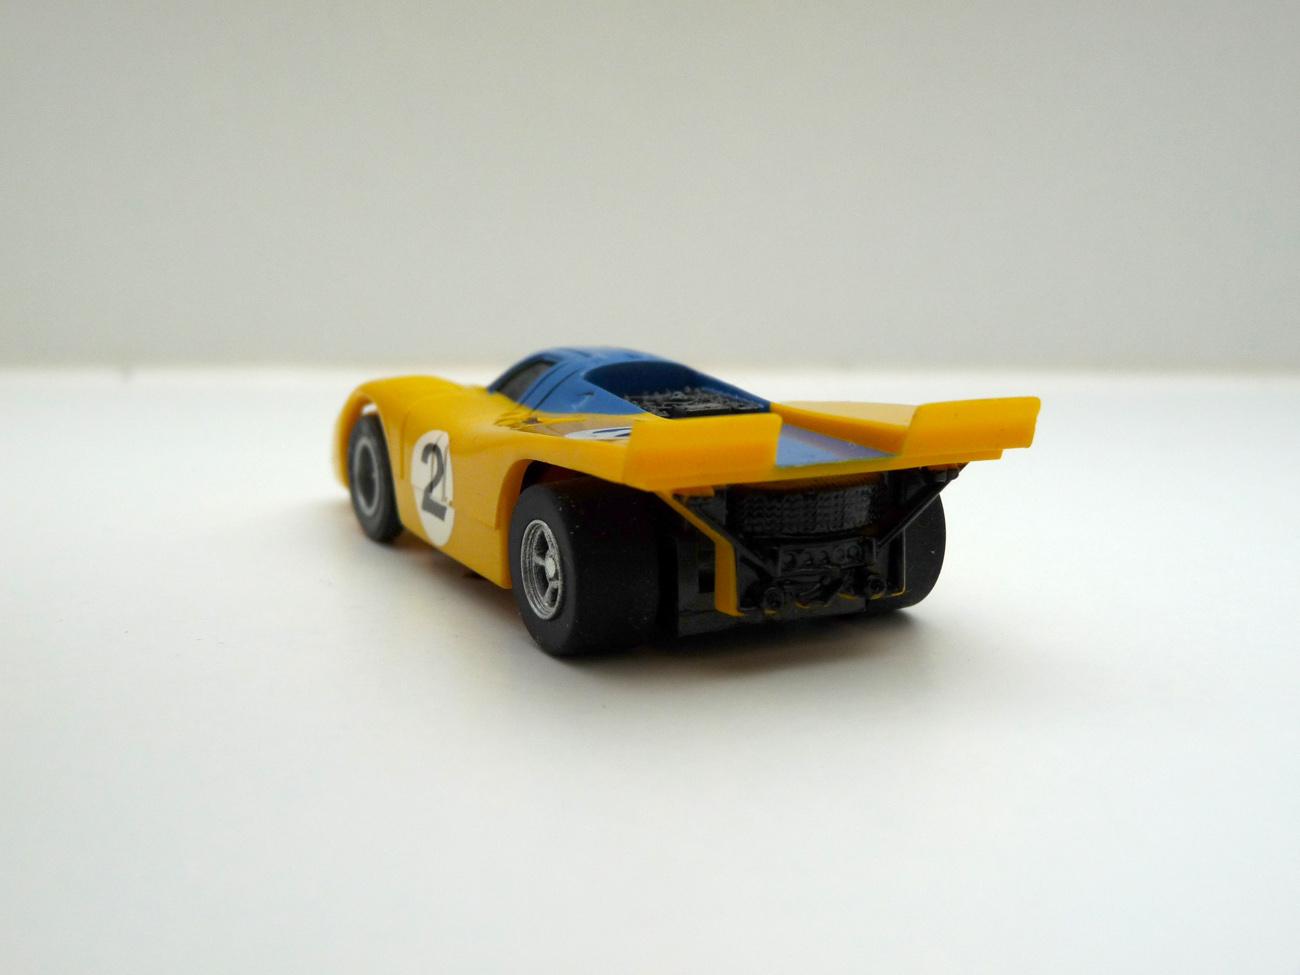 AURORA AFX Porsche 917 gelb/blau #2 - schwarze Scheibe